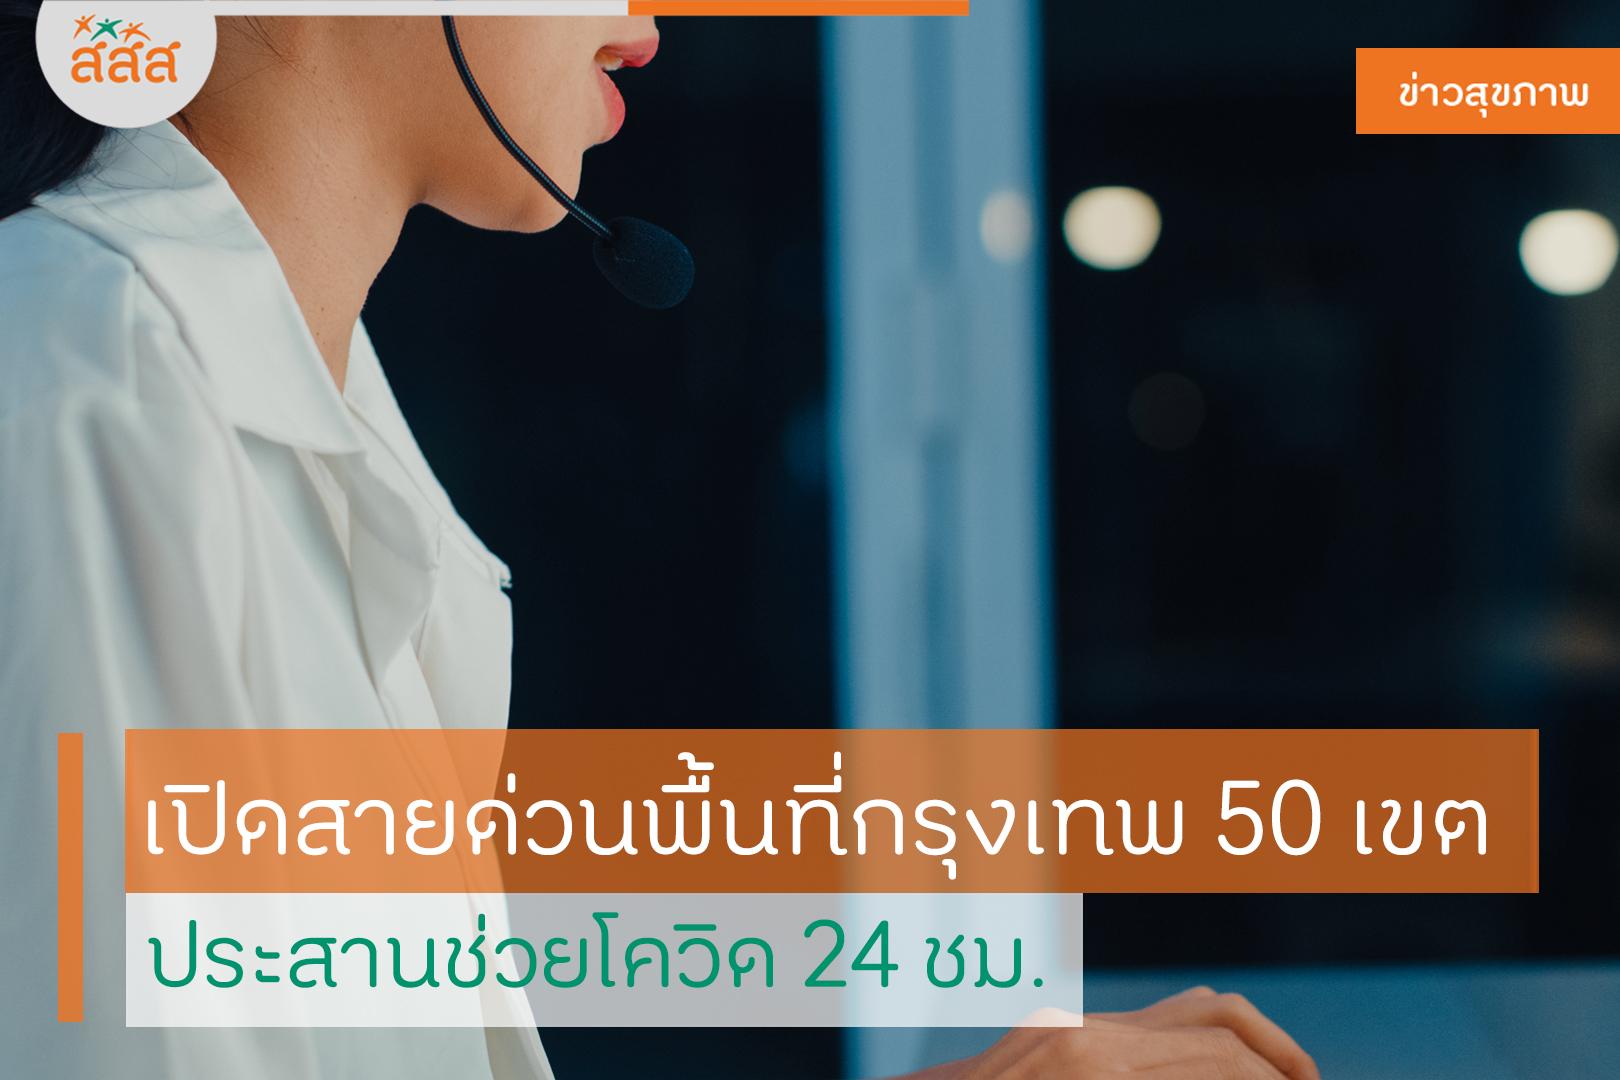 เปิดสายด่วนพื้นที่กรุงเทพ 50 เขต ประสานช่วยโควิด 24 ชม. thaihealth